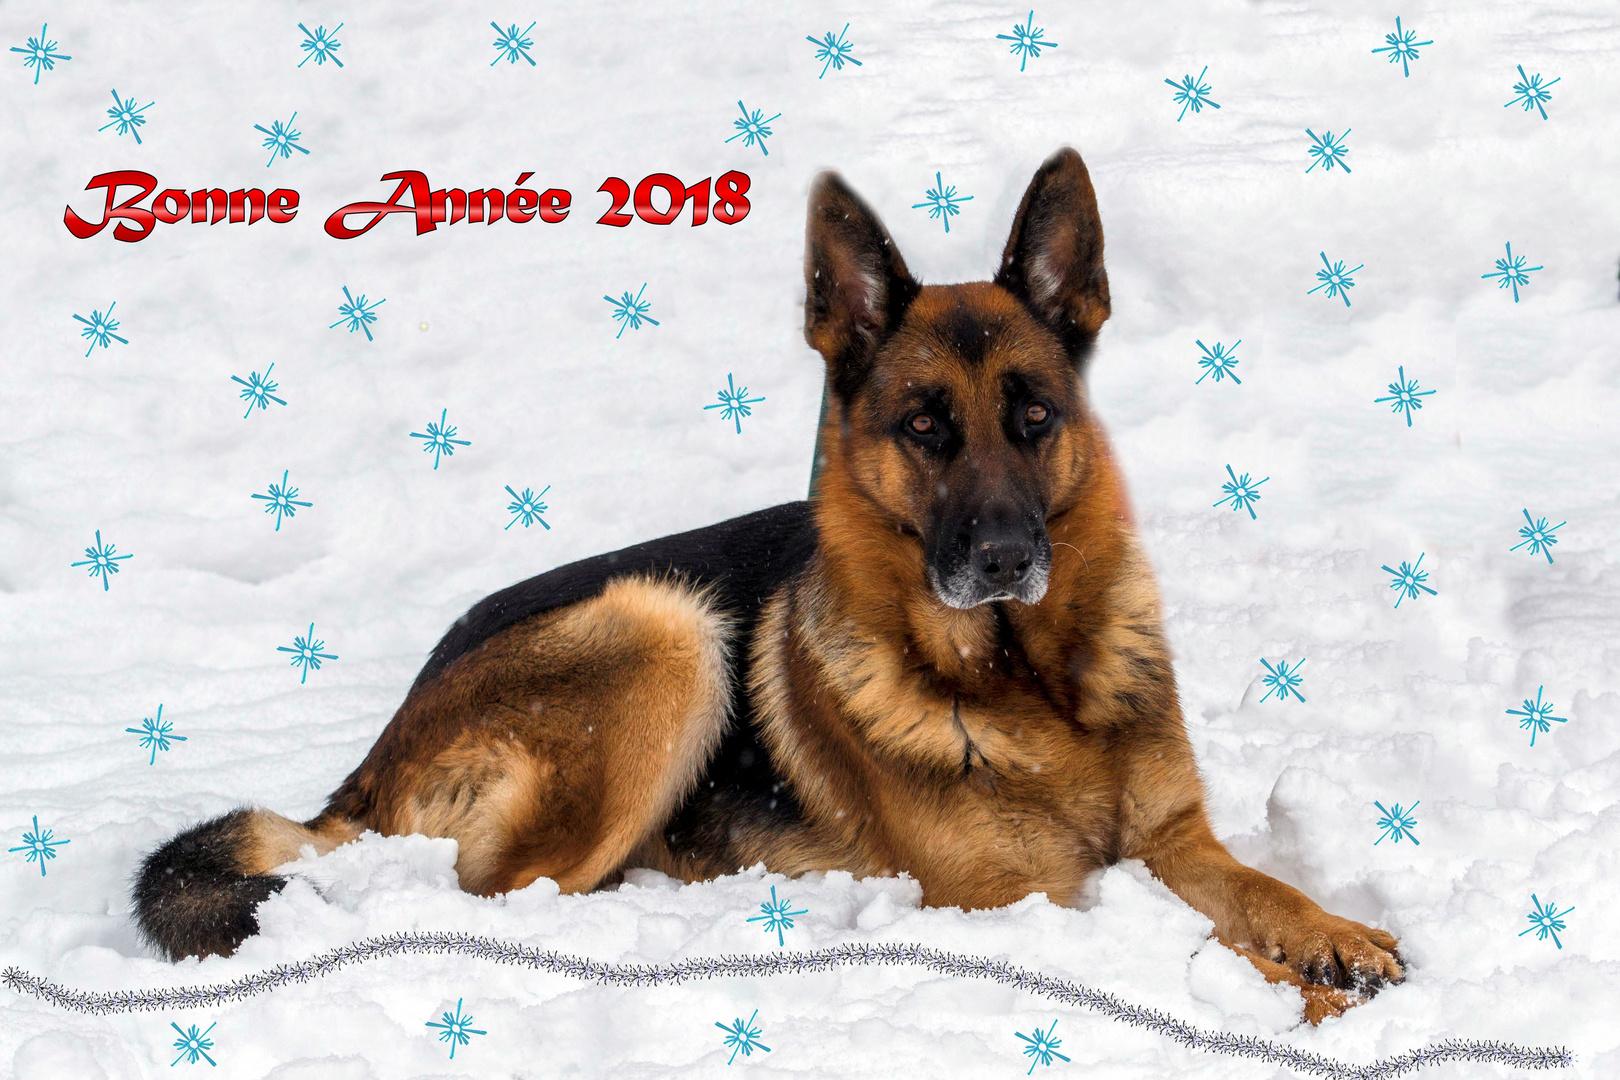 Bonne année 2018 que tous vos rêves ce réalises.